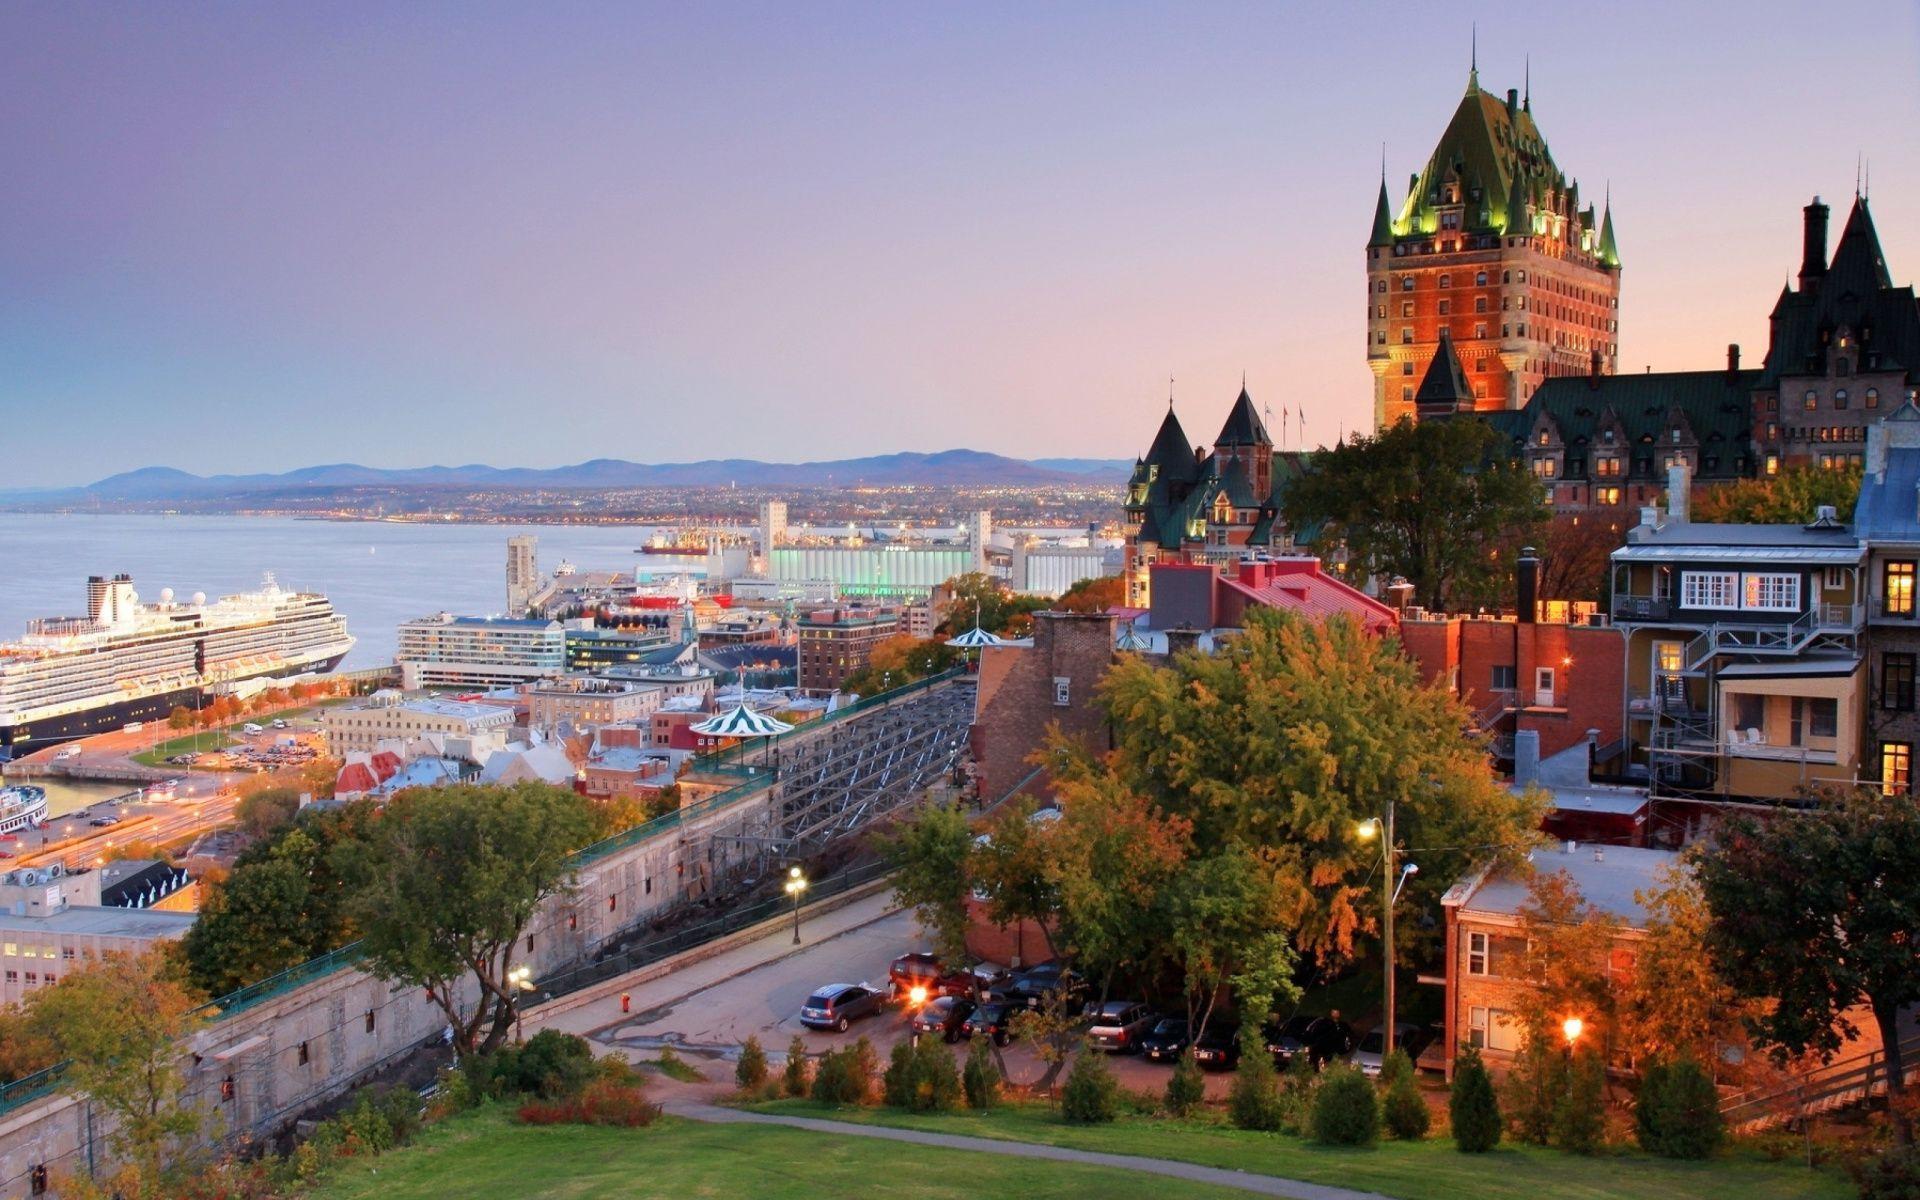 Quebec City Canada Wallpaper | Zellox